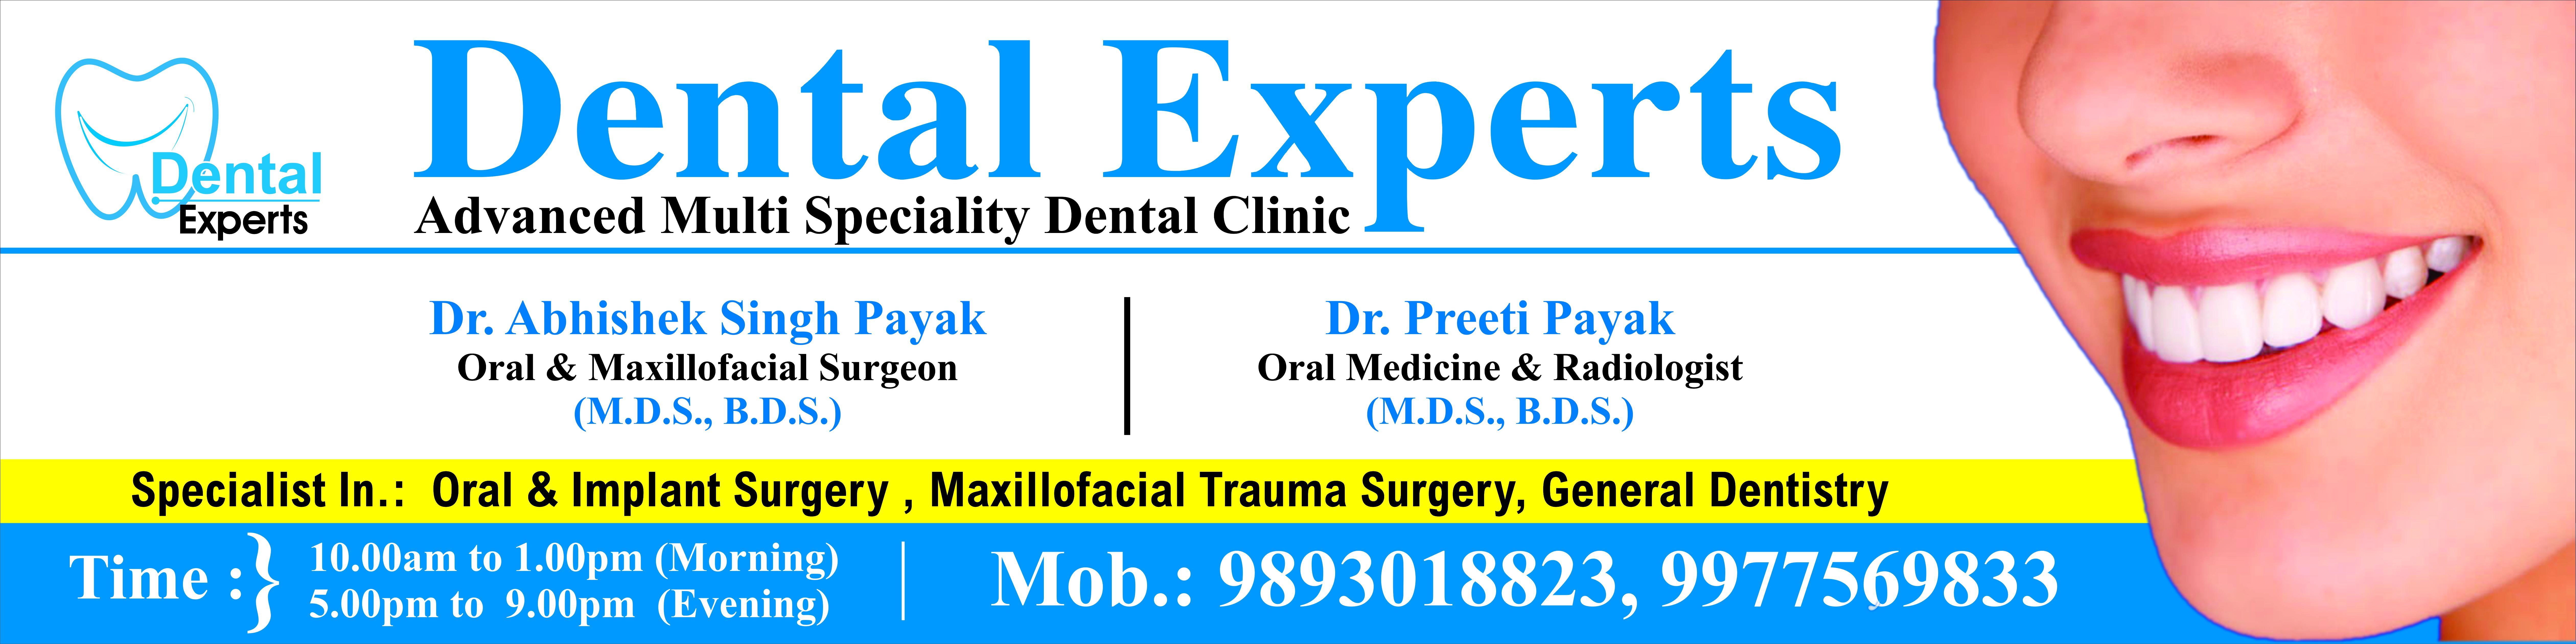 Dental Experts (Super-Speciality Oro-Dental & Maxillofacial Clinic)